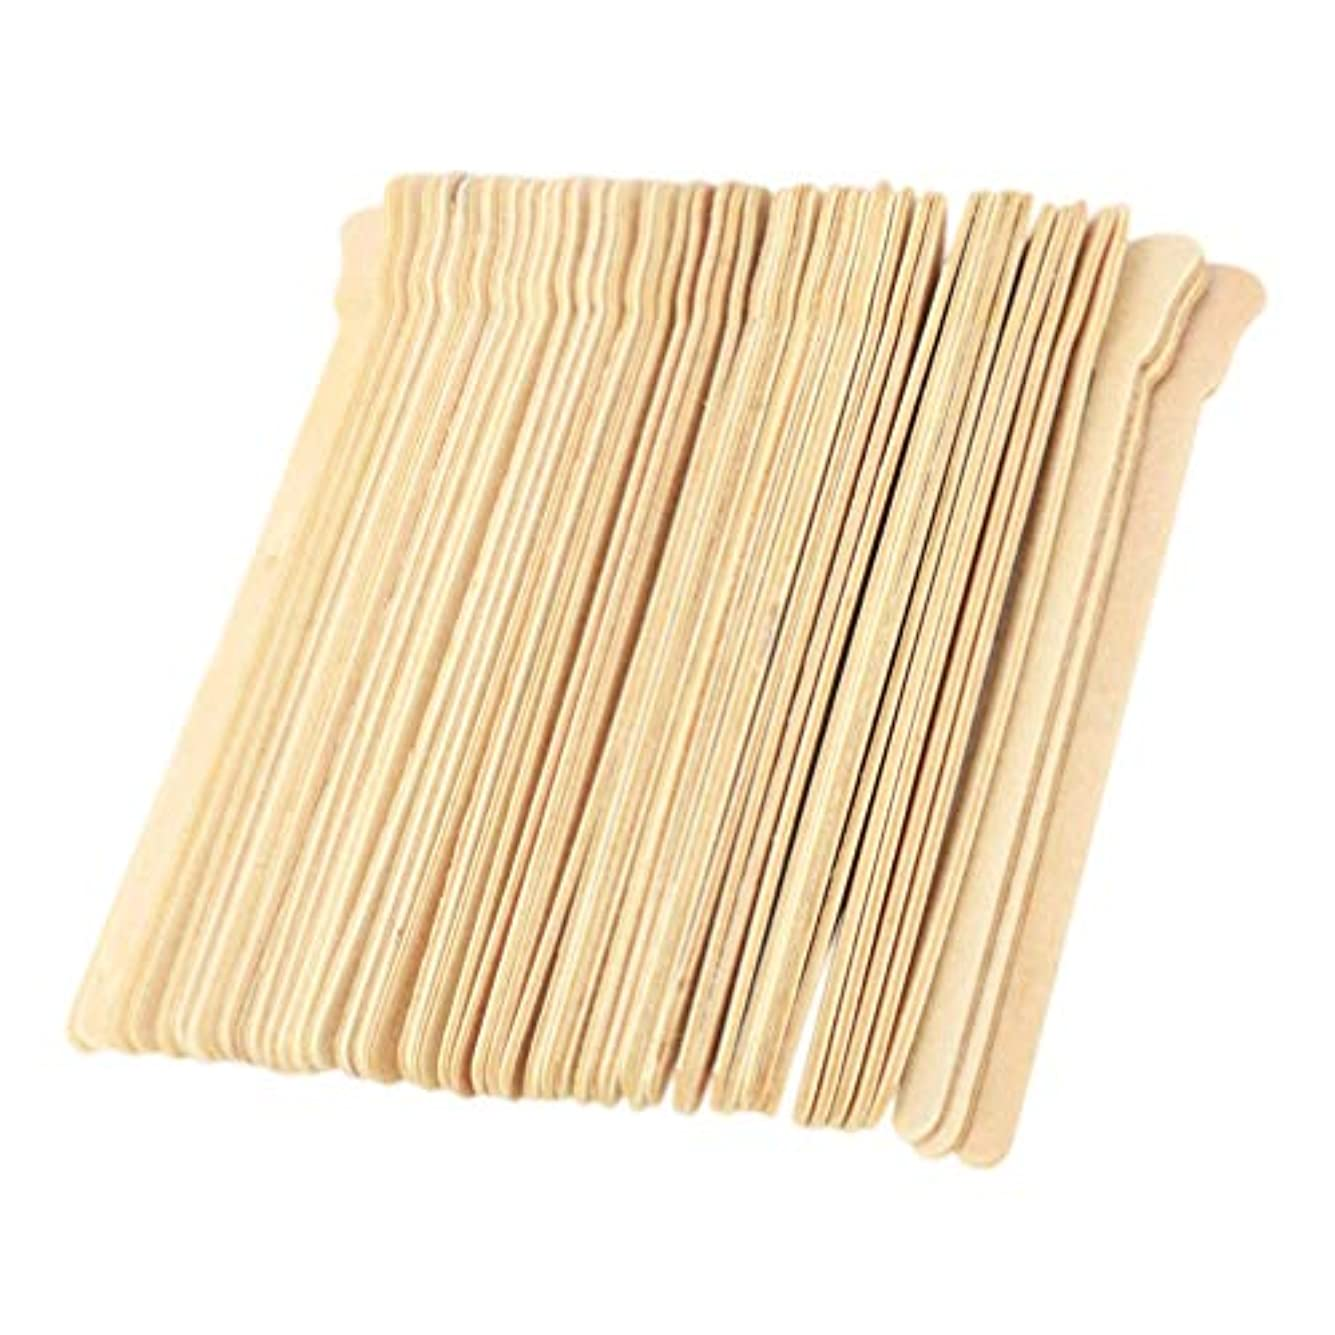 迷惑迷惑高層ビルSTOBOK 100本ワックスは使い捨てワックスヘラに学生の女の子の女性のための木製ワックスアプリケータースティックスティック